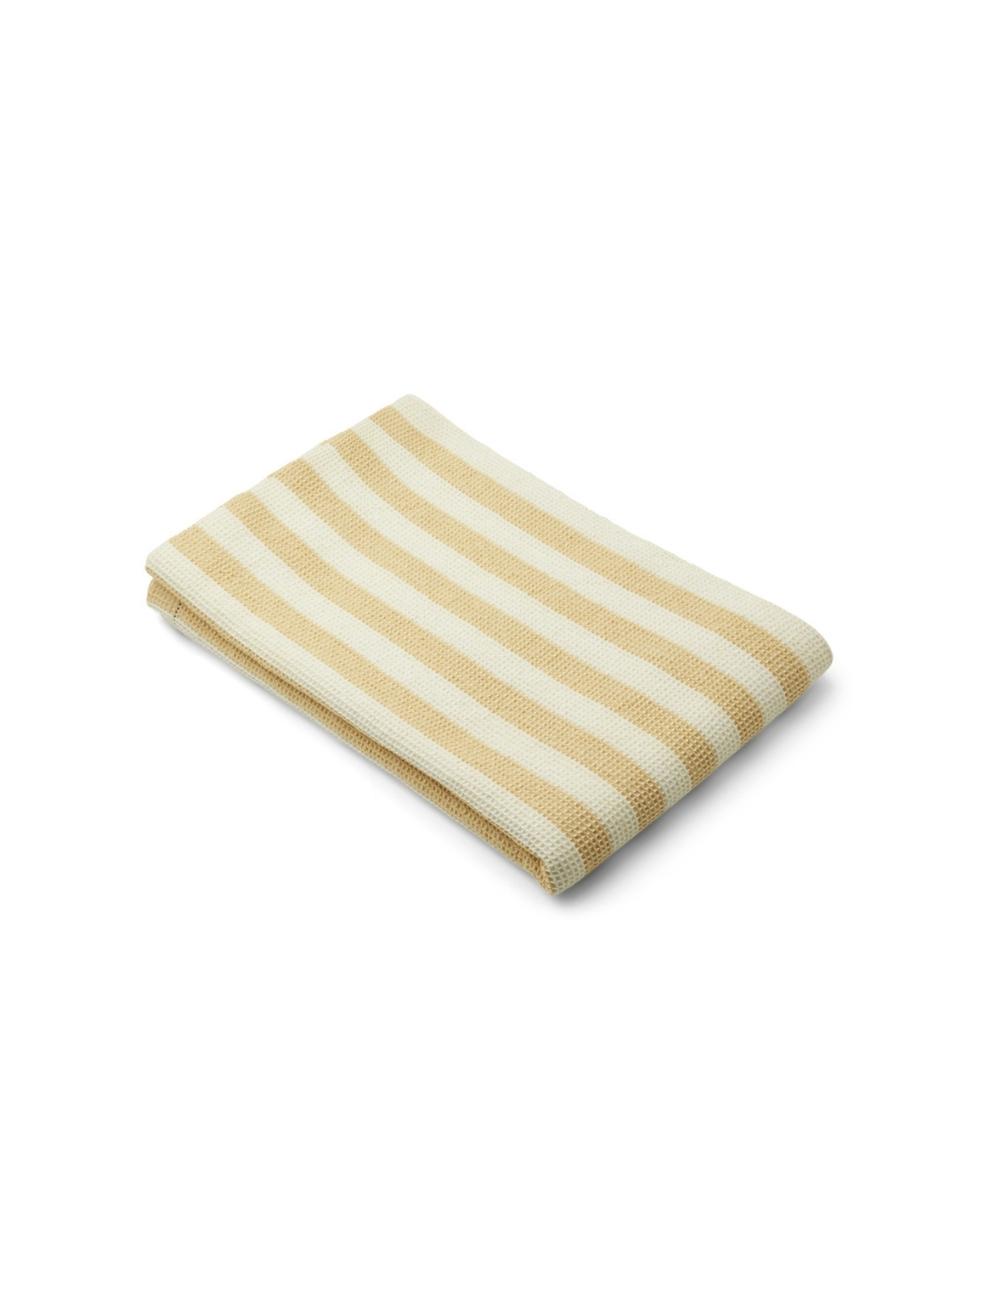 Macy Beach Towel Wheat Yellow/Creme de la Creme